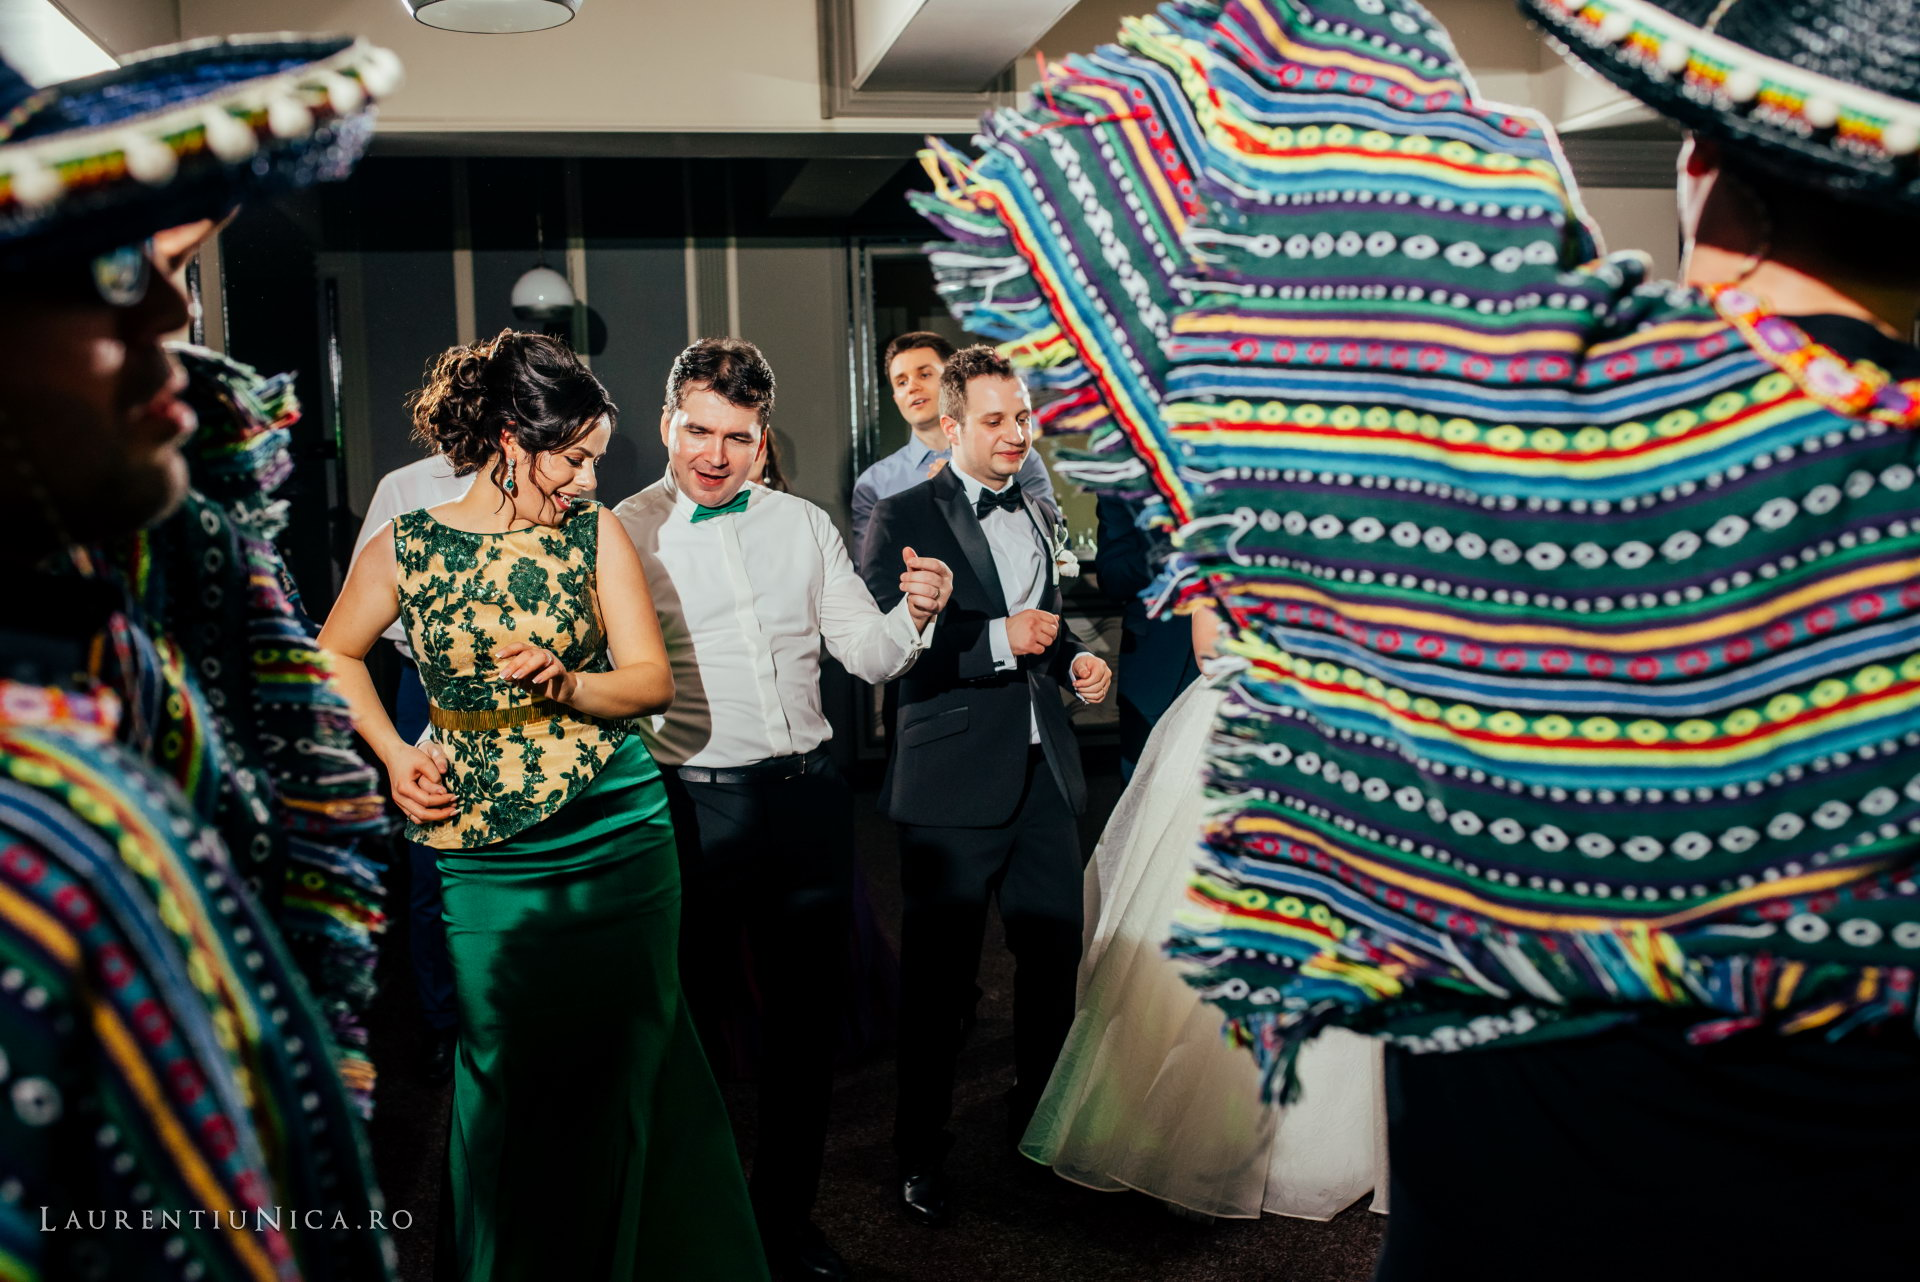 daniela si marius fotografii nunta craiova laurentiu nica52 - Daniela & Marius | Fotografii nunta